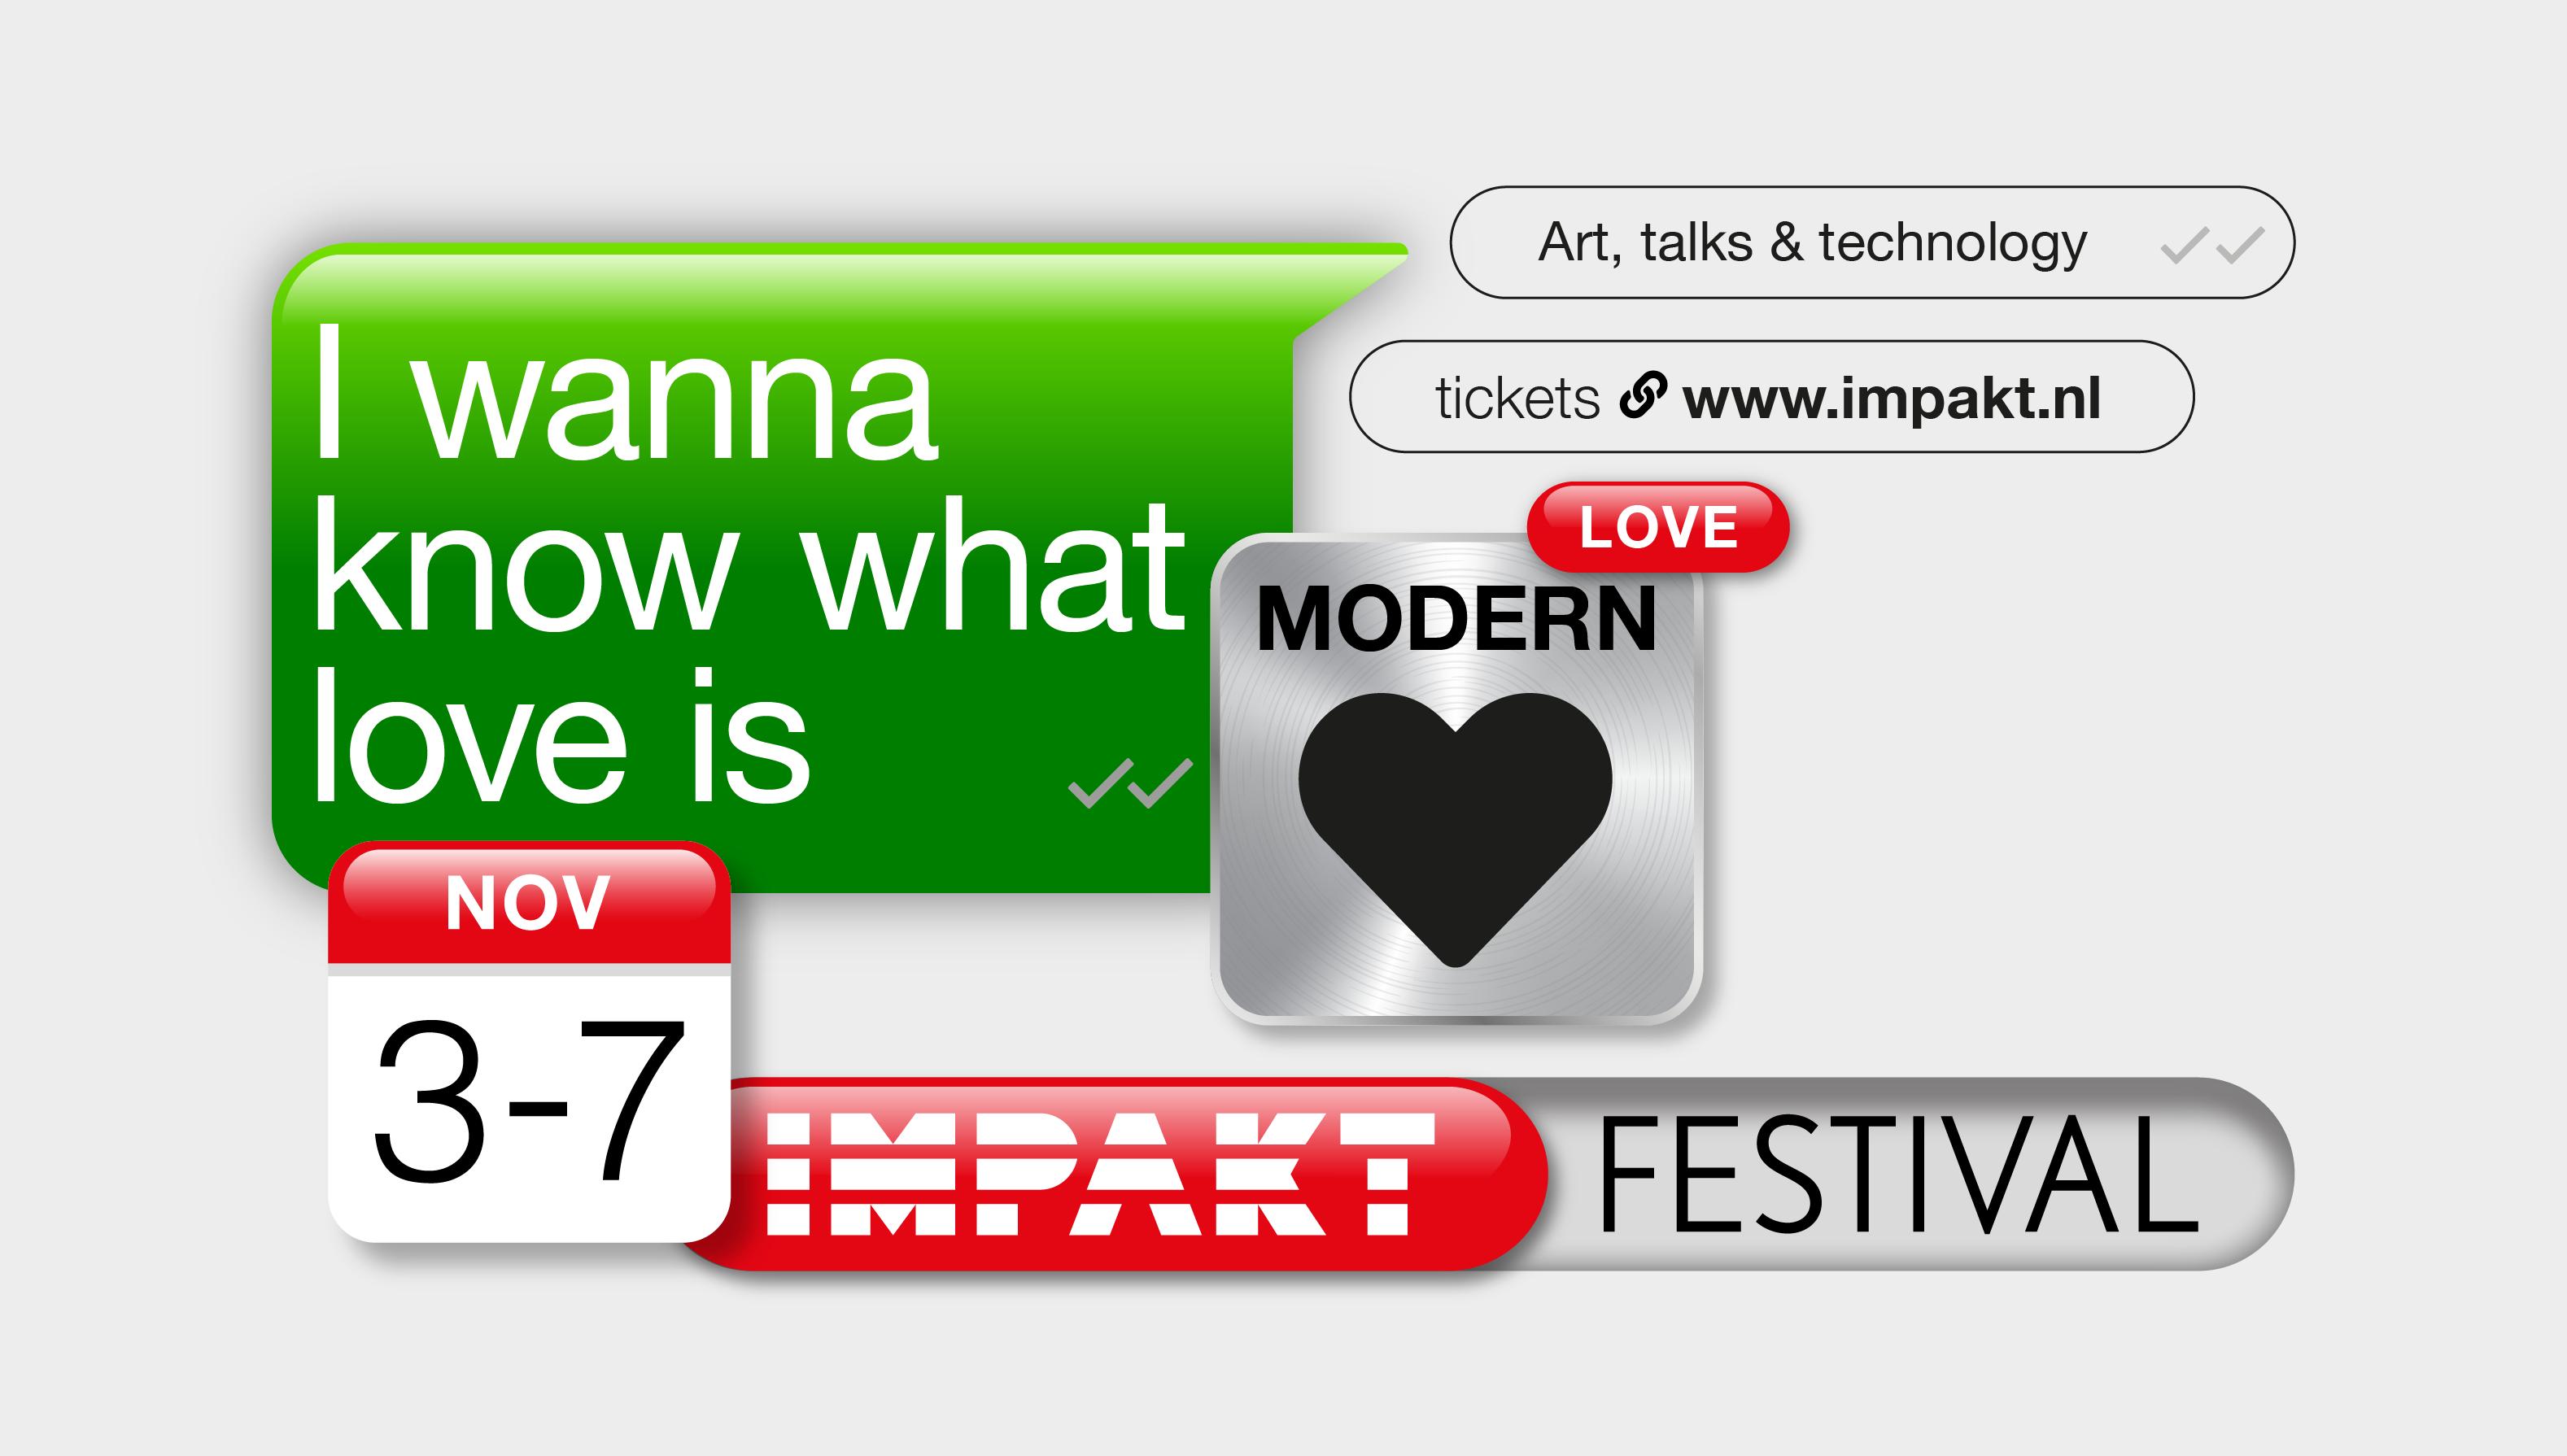 IMPAKT Festival 2021: Modern Love